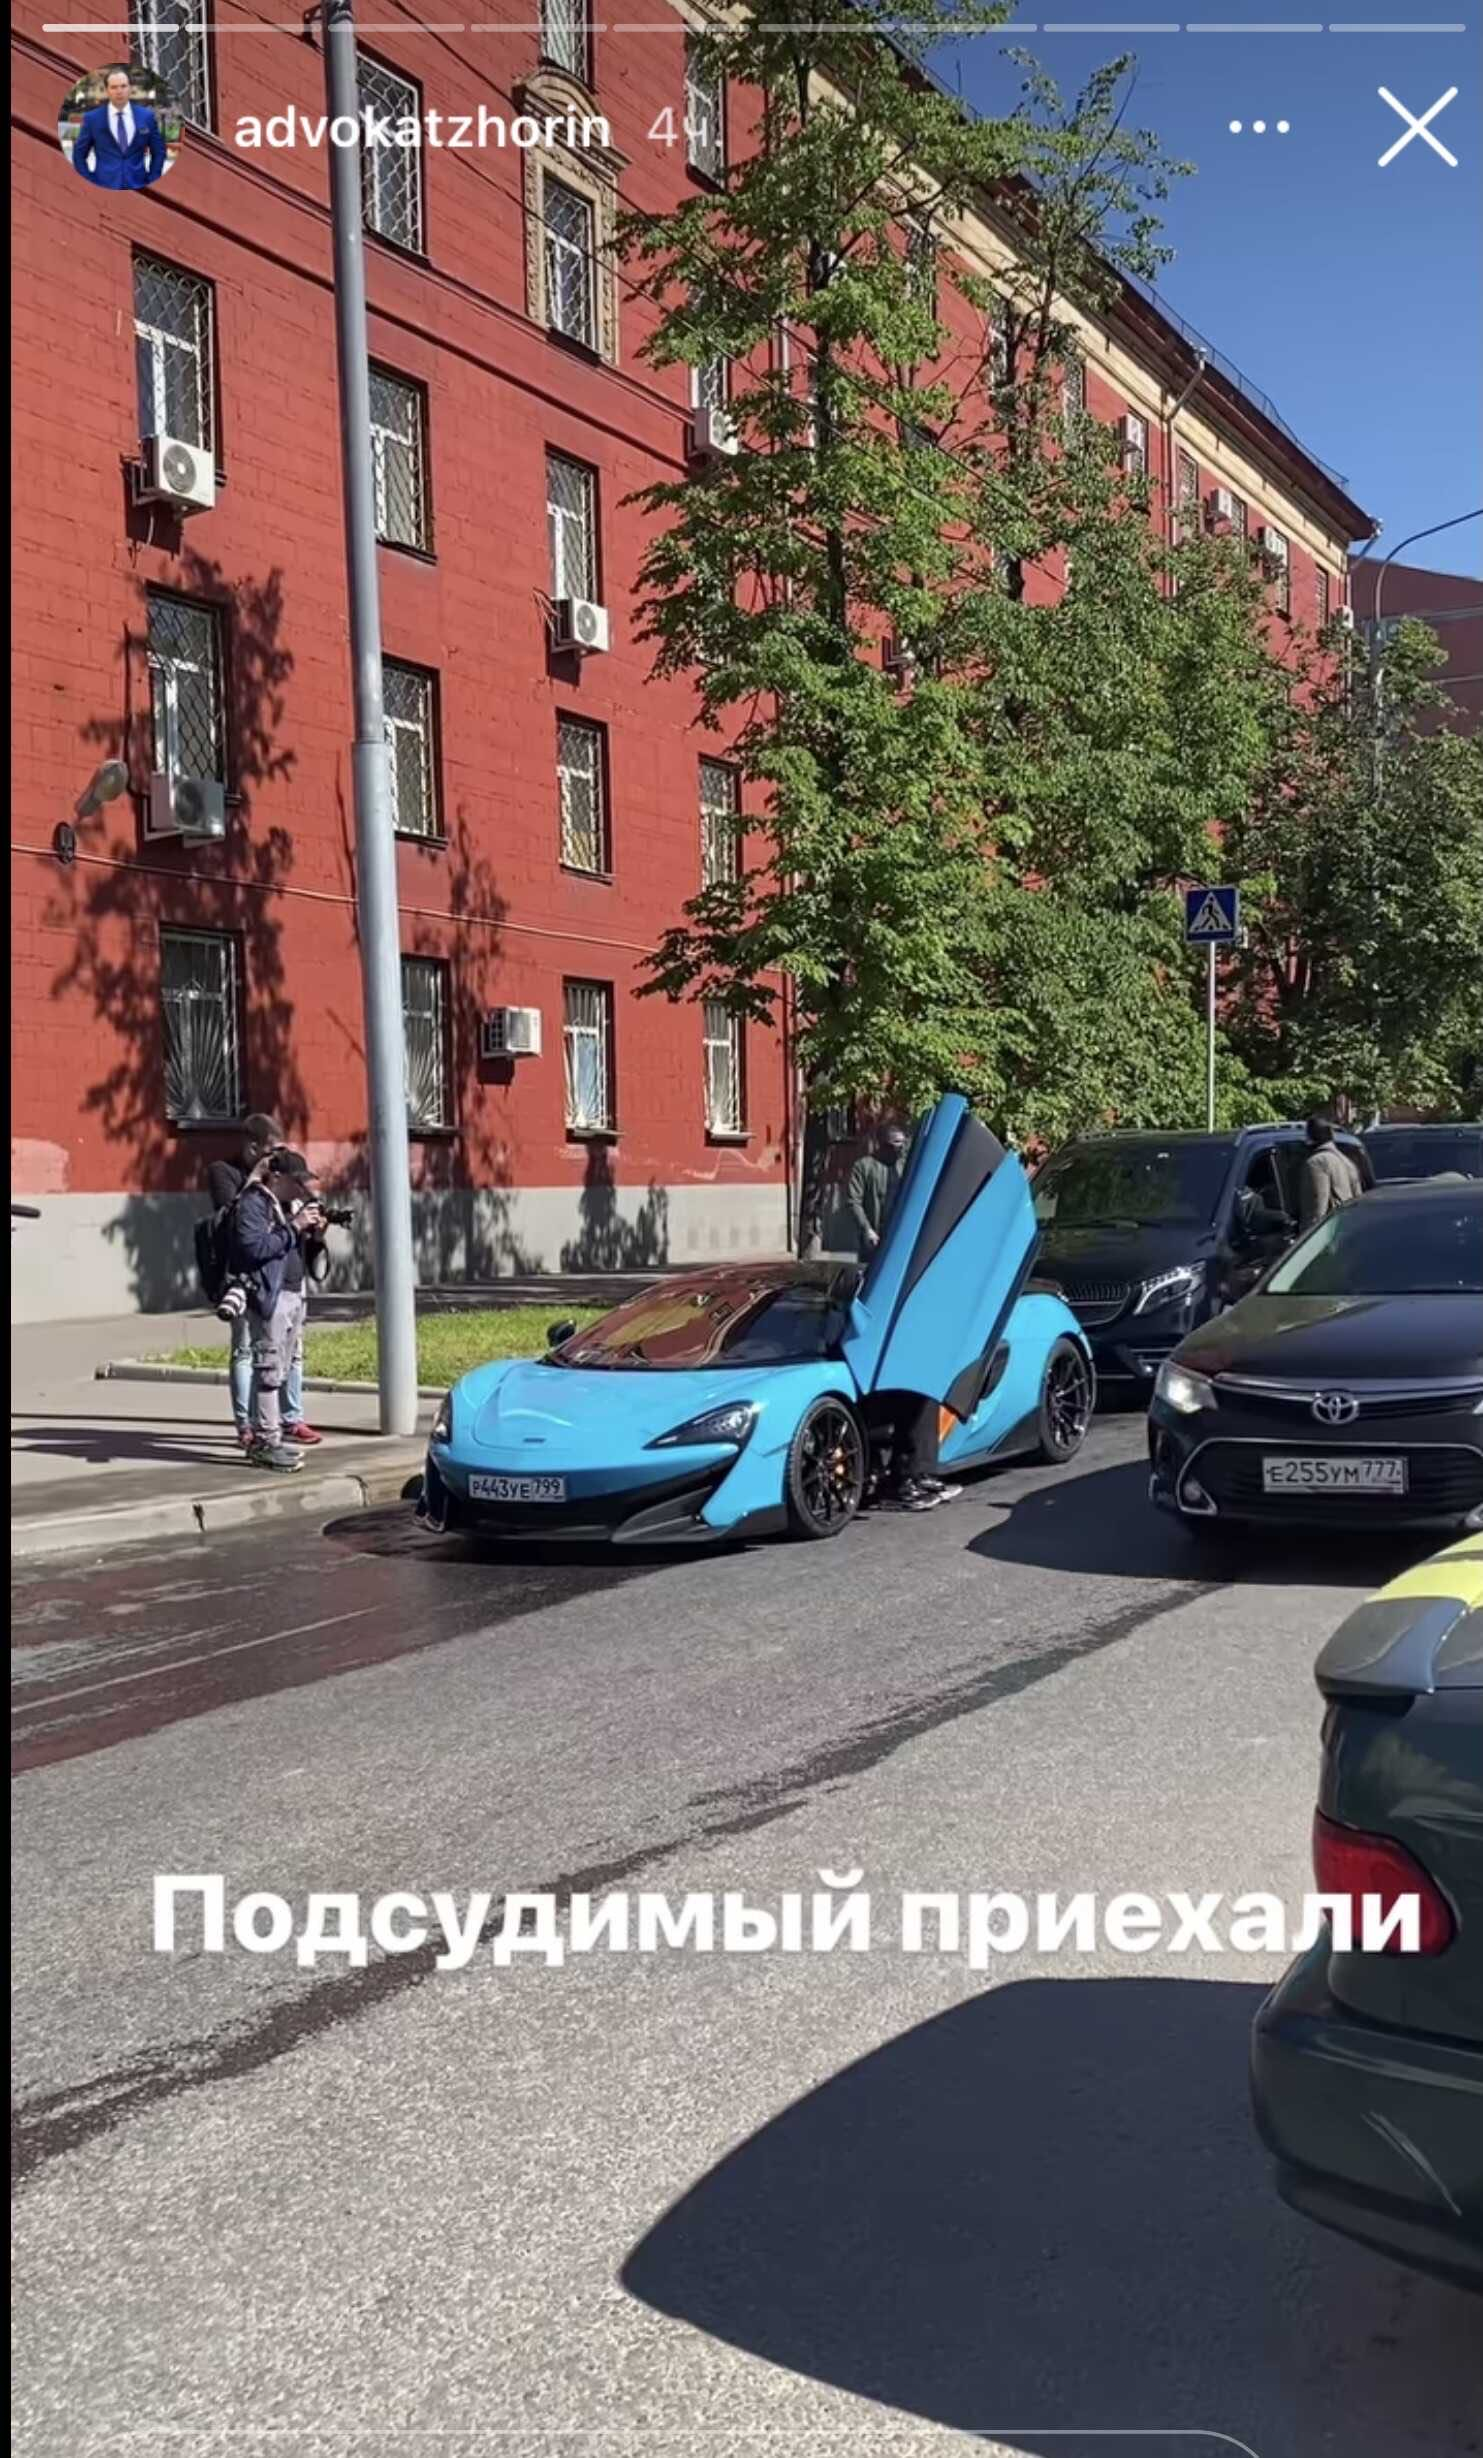 Моргенштерн подарил своему адвокату Сергею Жорину автомобиль за 14 миллионов рублей